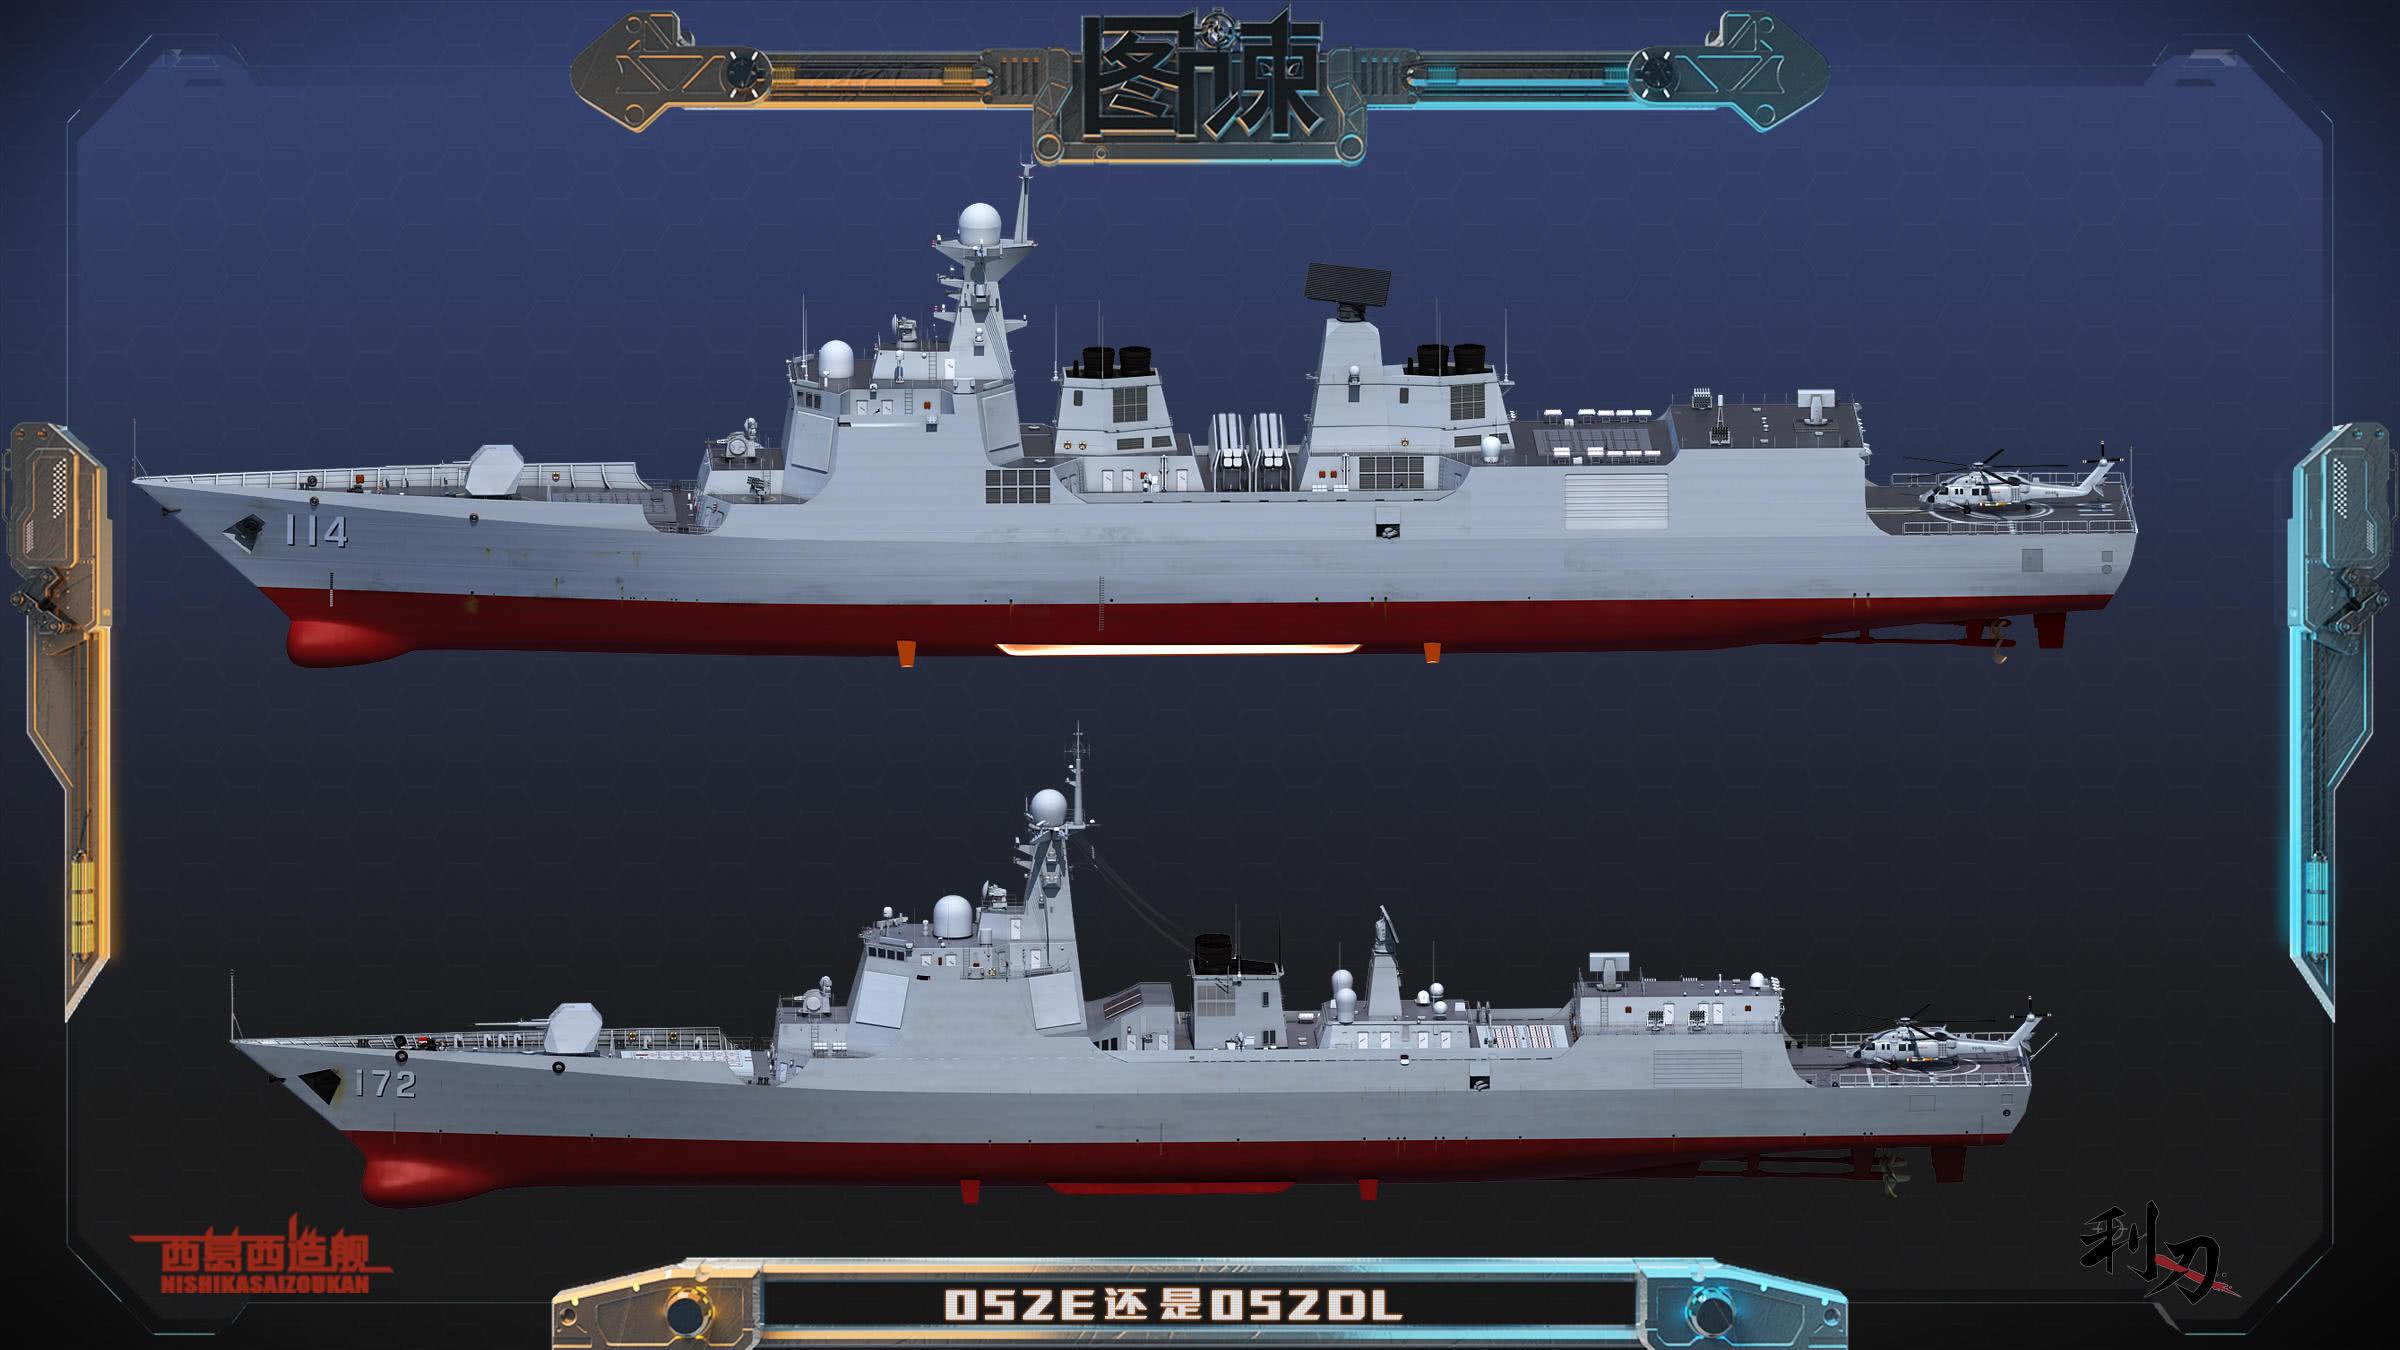 海军 航母 舰 军事 2400_1350